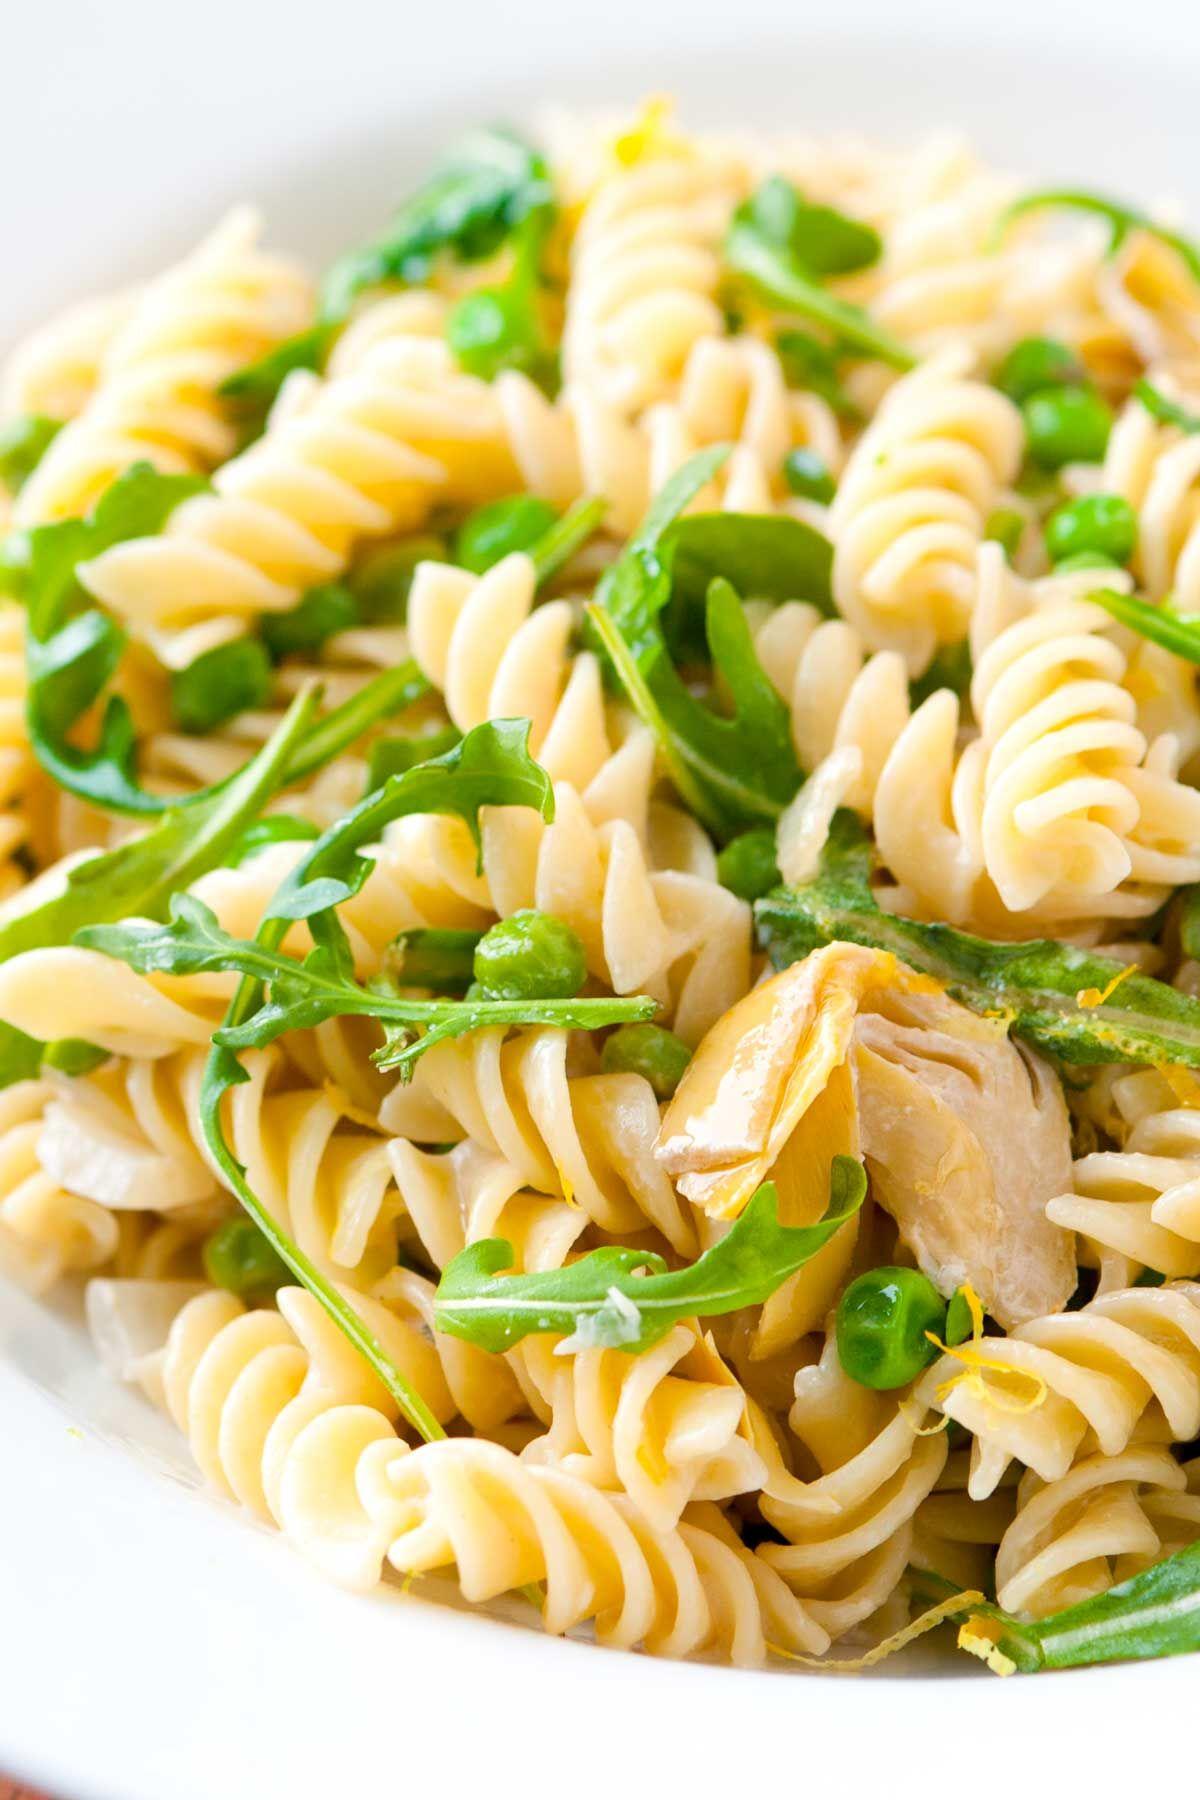 Goat Cheese And Artichoke Pasta Recipe Recipe Artichoke Recipes Artichoke Pasta Artichoke Recipes Pasta